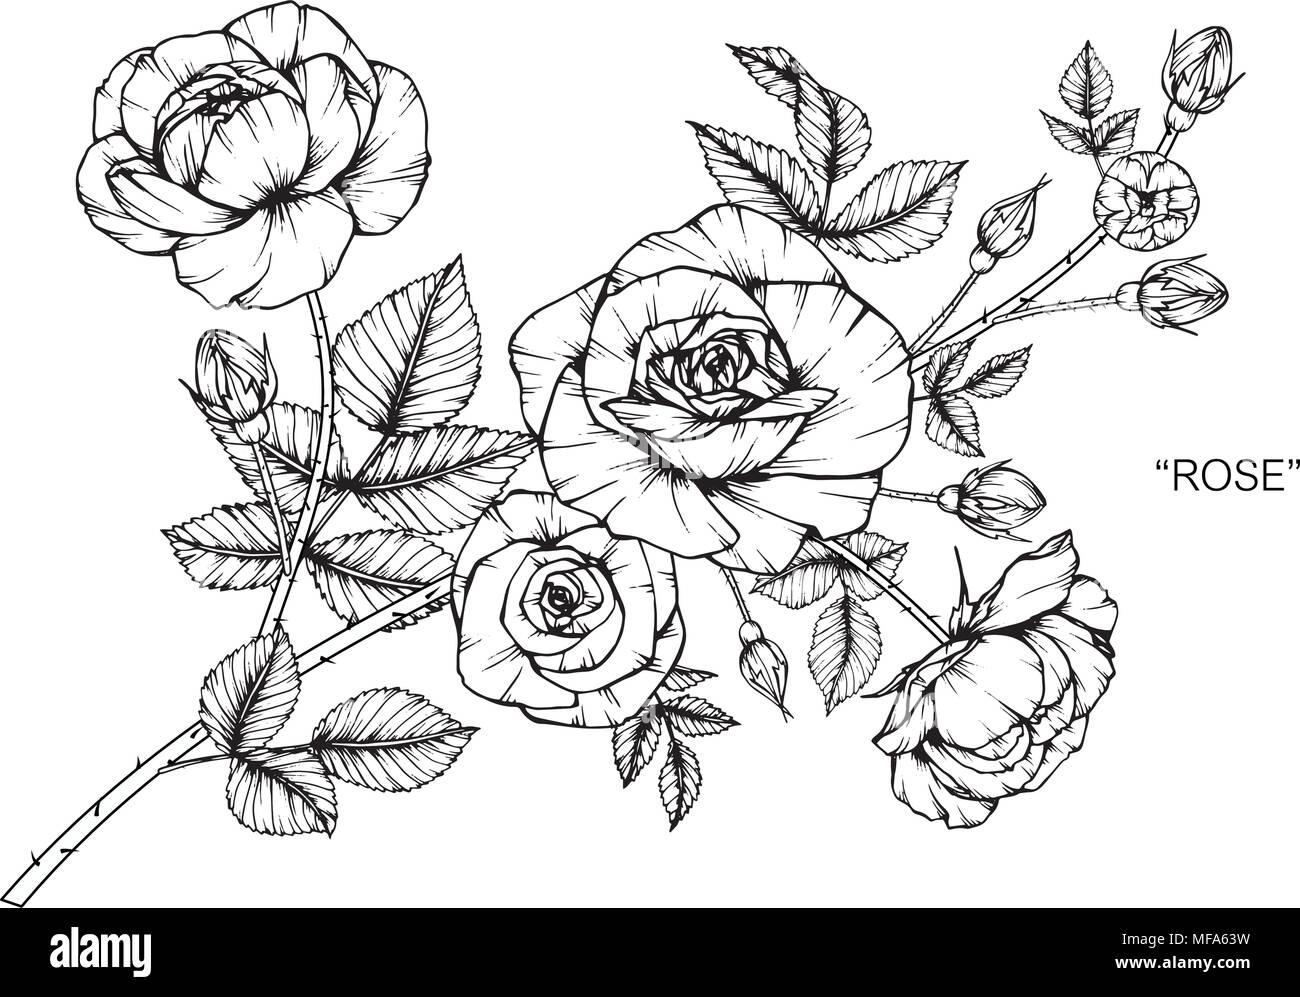 Disegni Di Fiori In Bianco E Nero Migliori Pagine Da Colorare